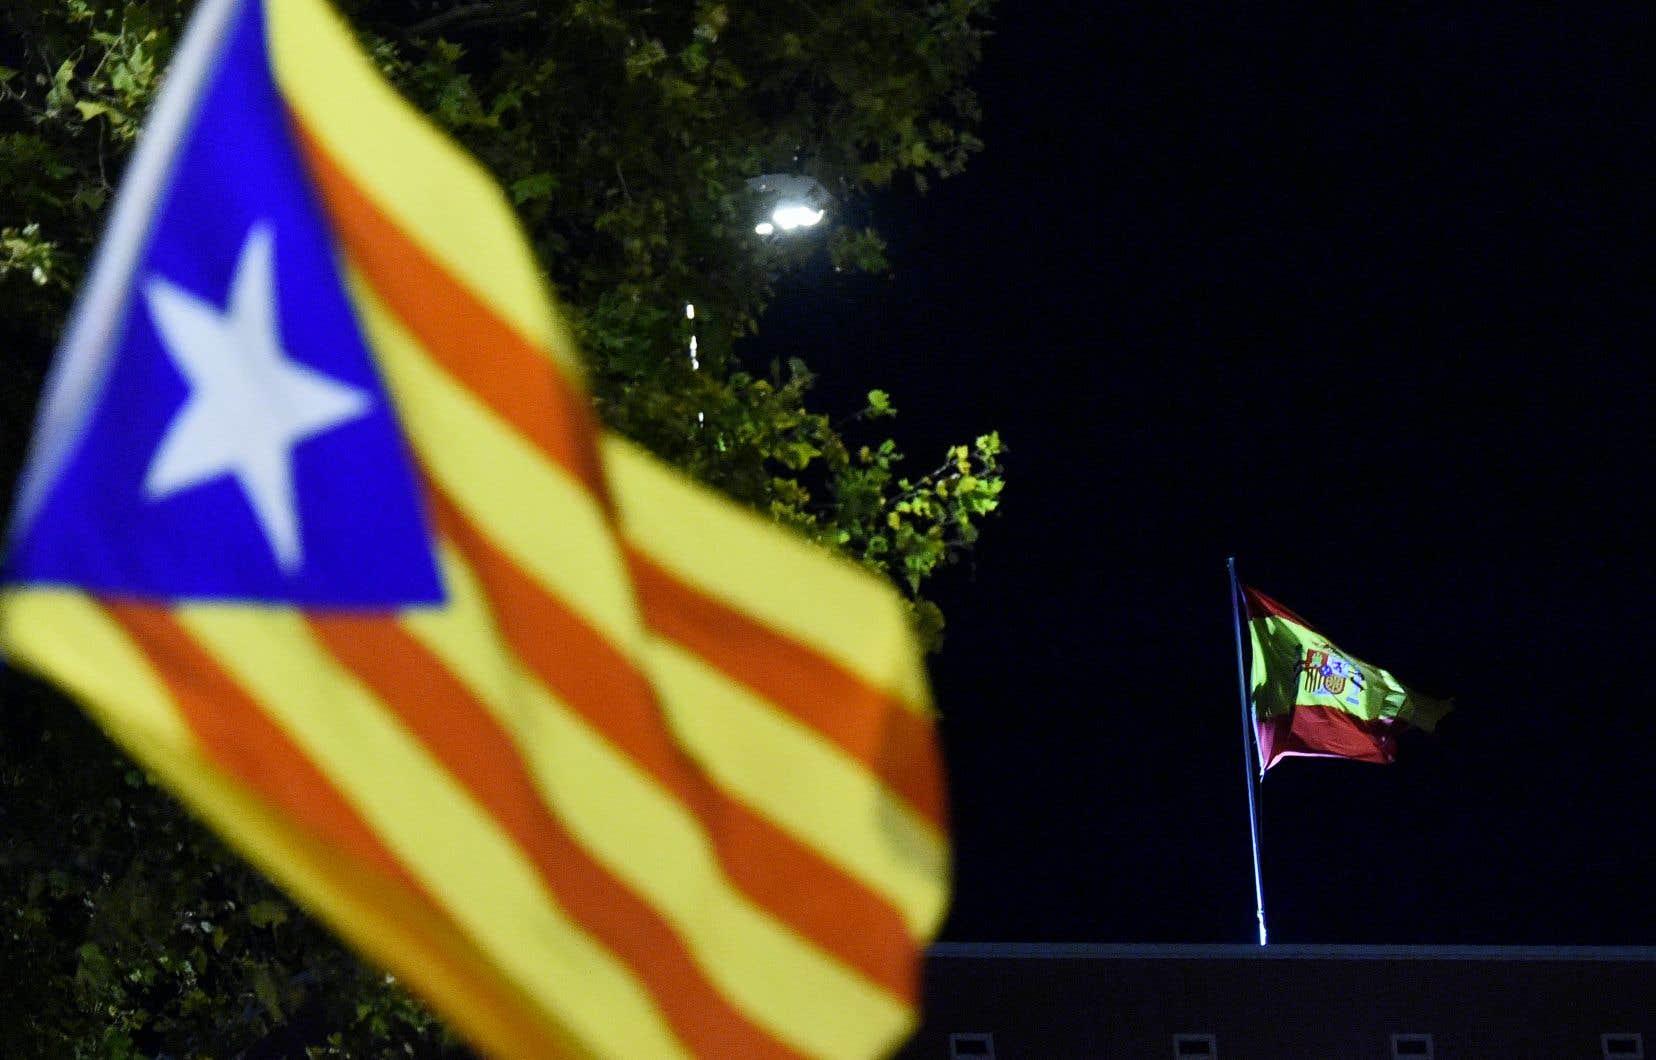 M. Enrique Ruiz Molera réagit à la motion adoptée à l'unanimité par les élus québécois le mardi 29octobre dernier dans laquelle l'Assemblée nationale déplorela montée des tensions et l'augmentation des violences en Catalogne.